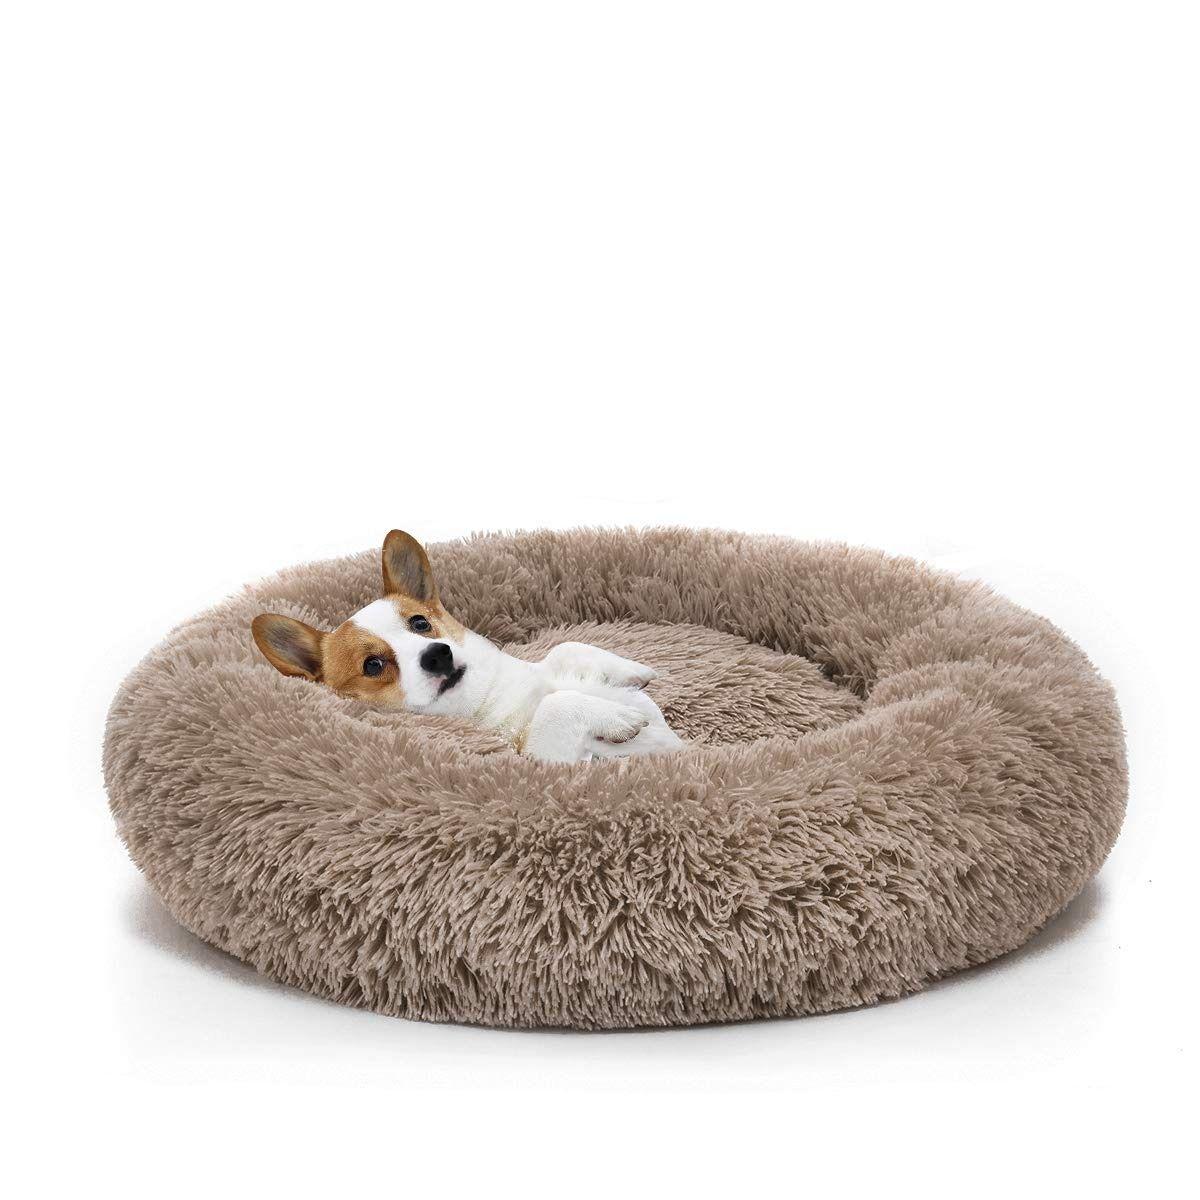 Mixjoy Orthopedic Dog Bed Comfortable Donut Cuddler Round Dog Bed Ultra Soft Washable Dog And Cat In 2020 Orthopedic Dog Bed Round Dog Bed Cat Bed